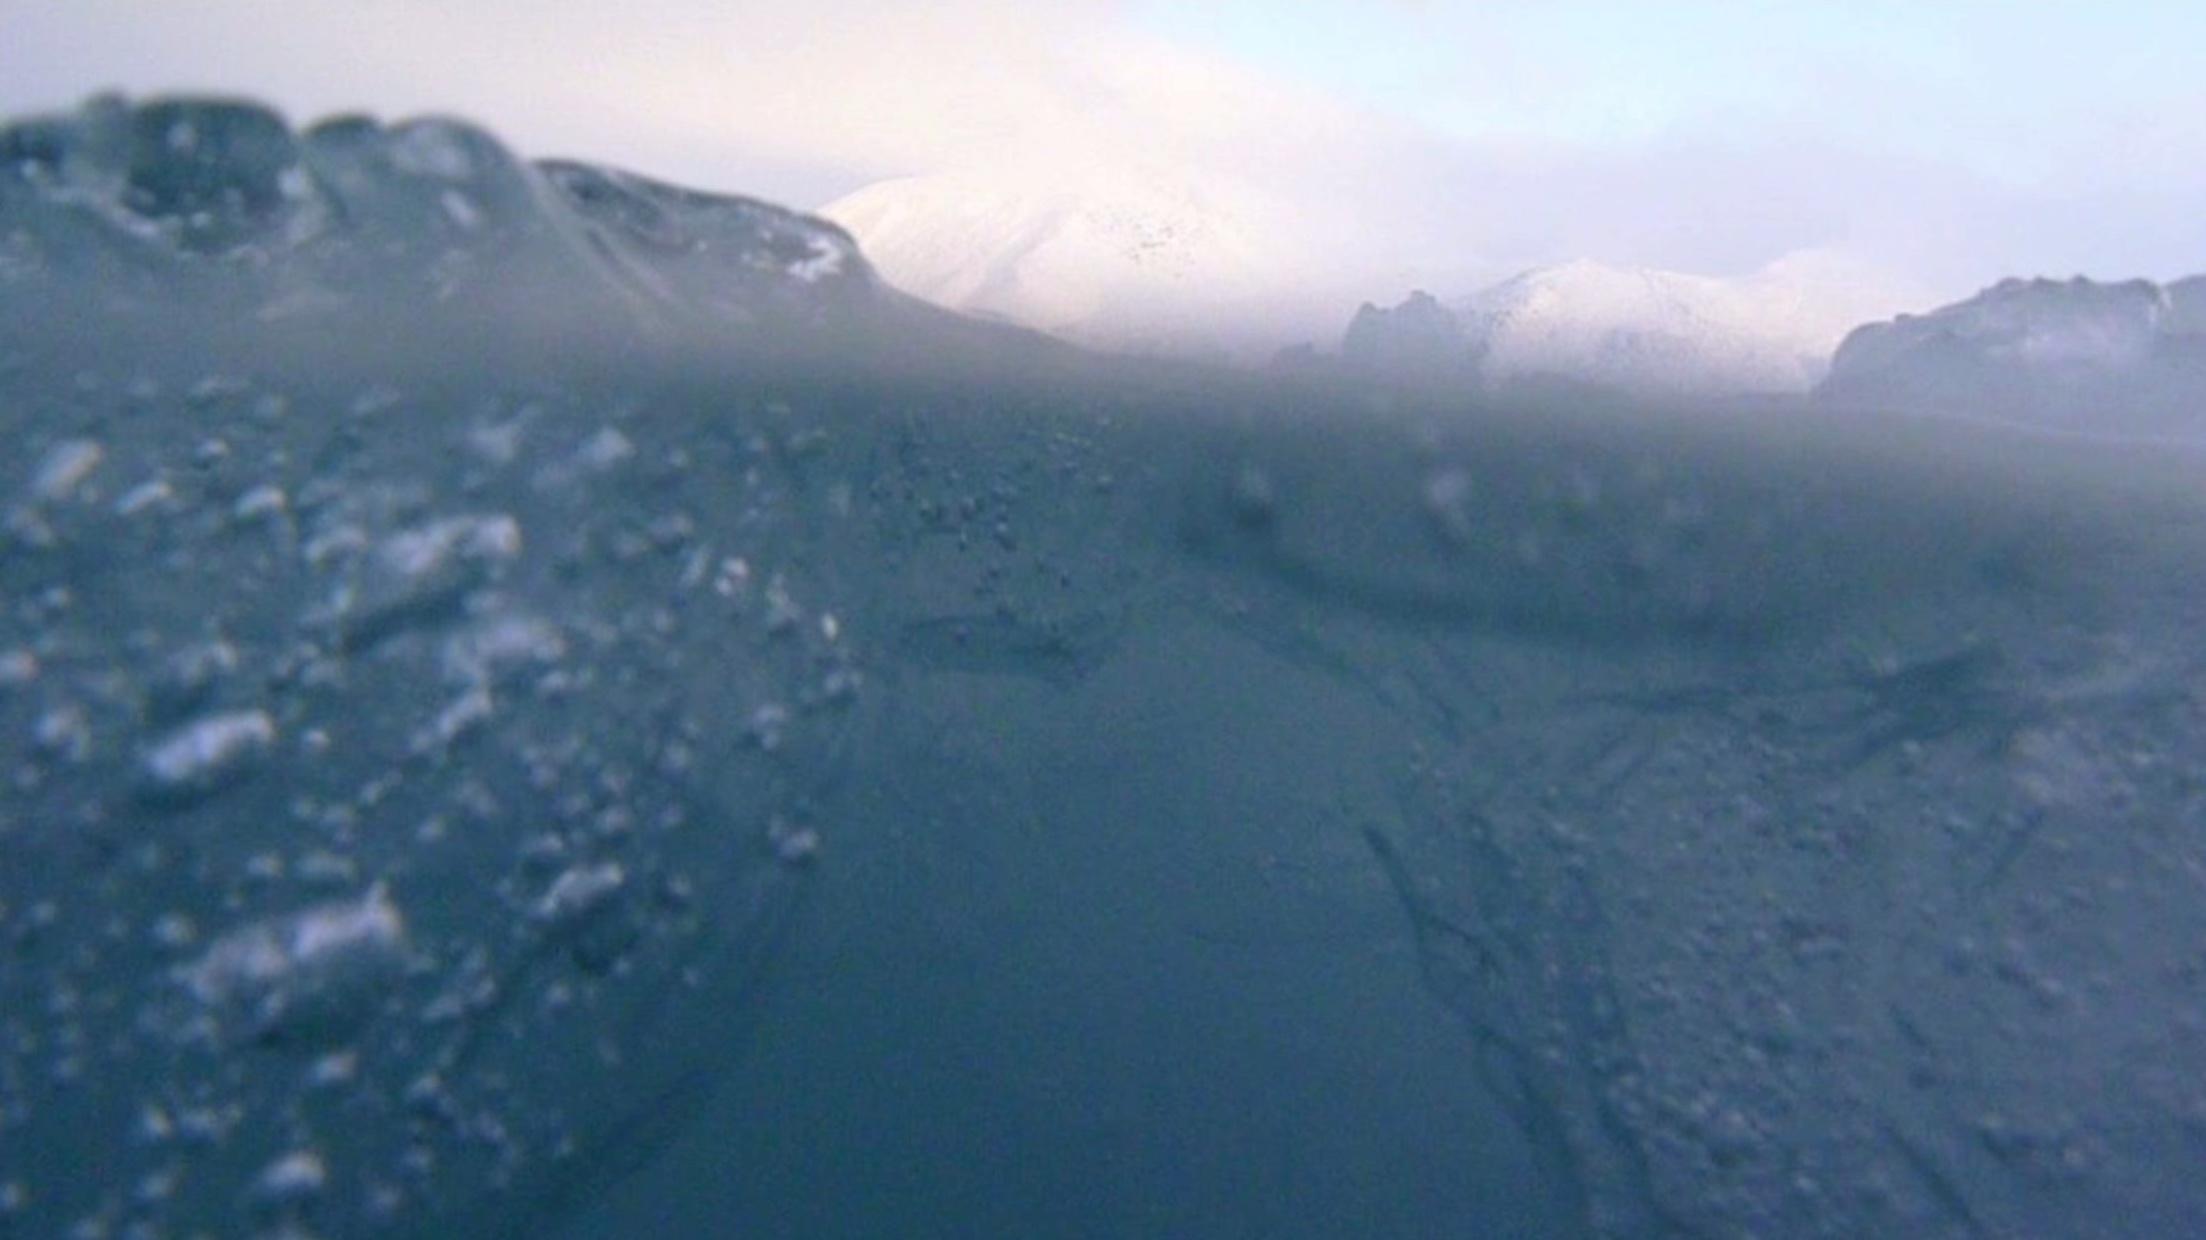 Iceline (video still)